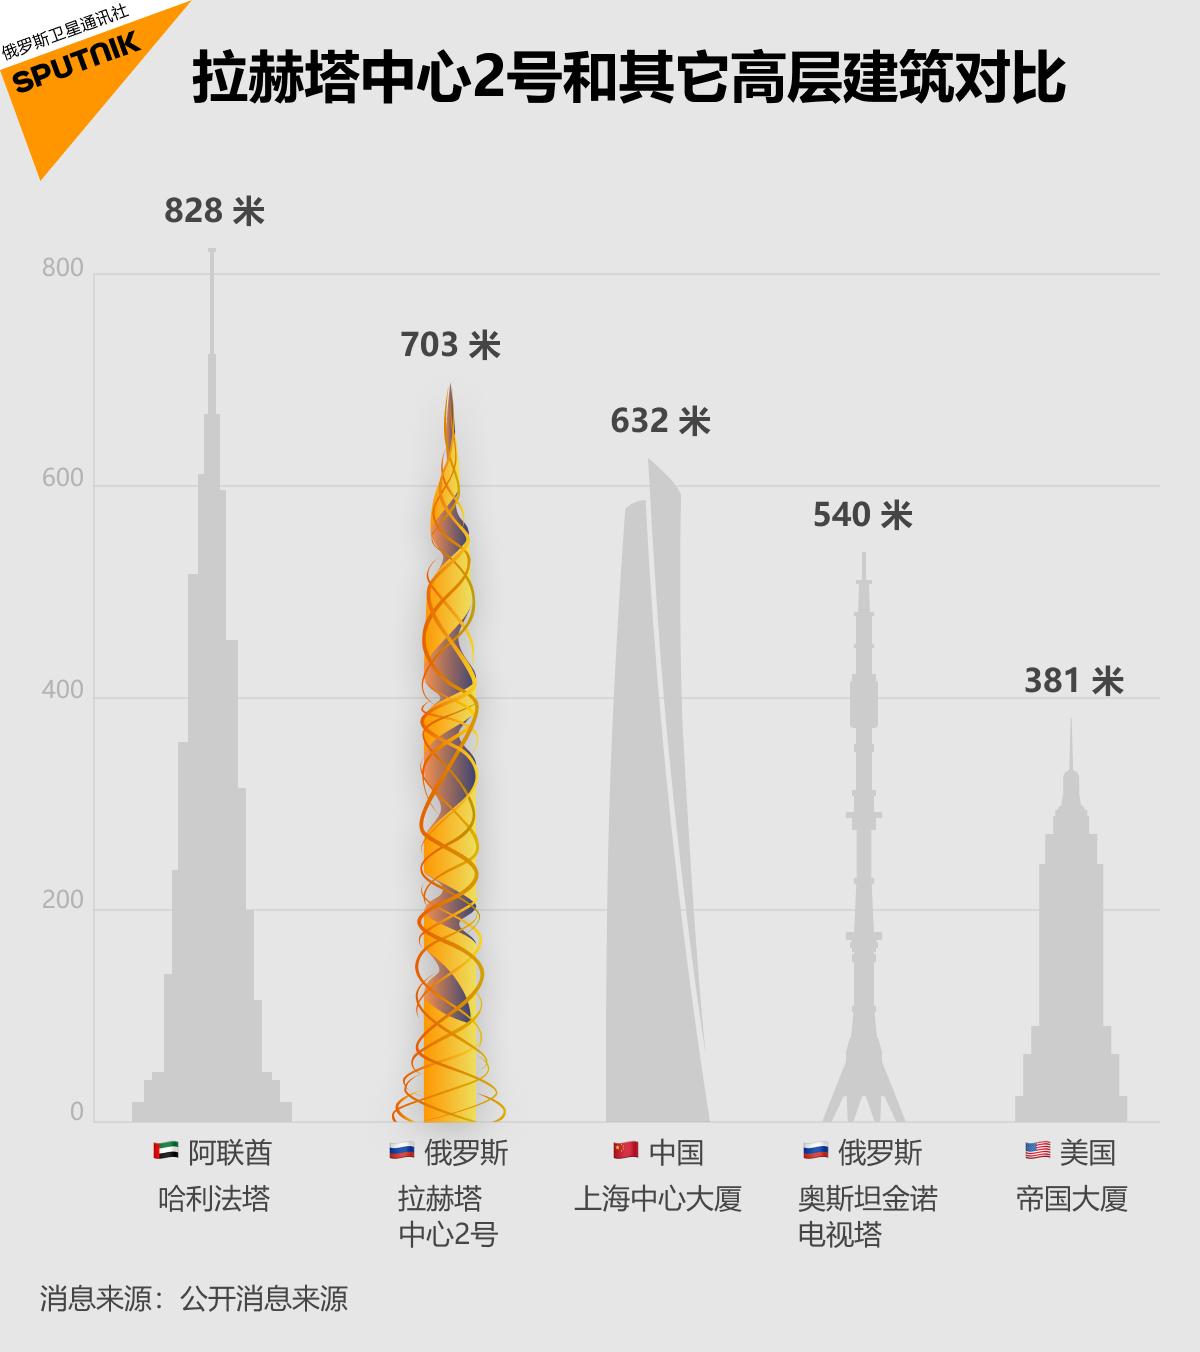 俄罗斯计划建造全球第二高的摩天大楼